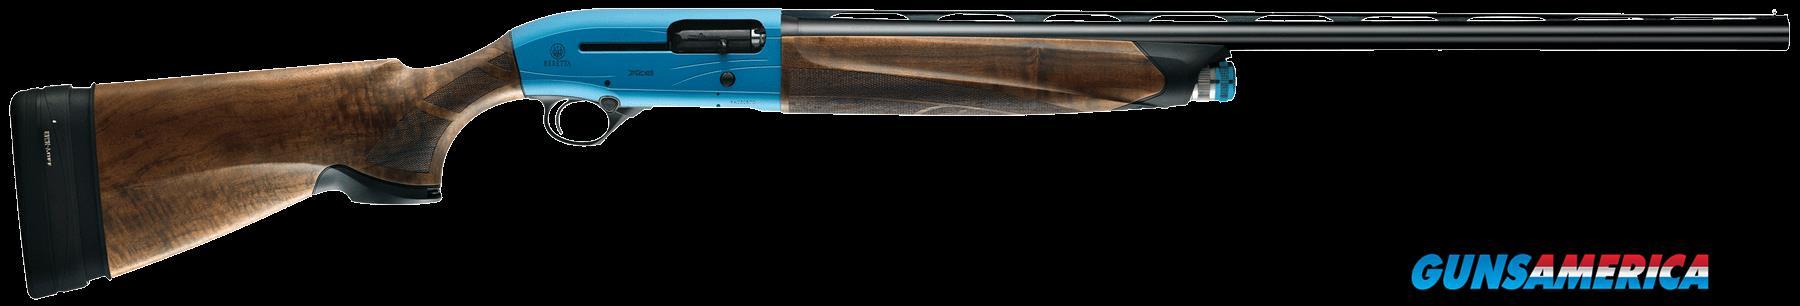 Beretta Usa A400, Ber J40ck10   A400 Xcel Spt Ko 12     30   Bl  Guns > Pistols > 1911 Pistol Copies (non-Colt)